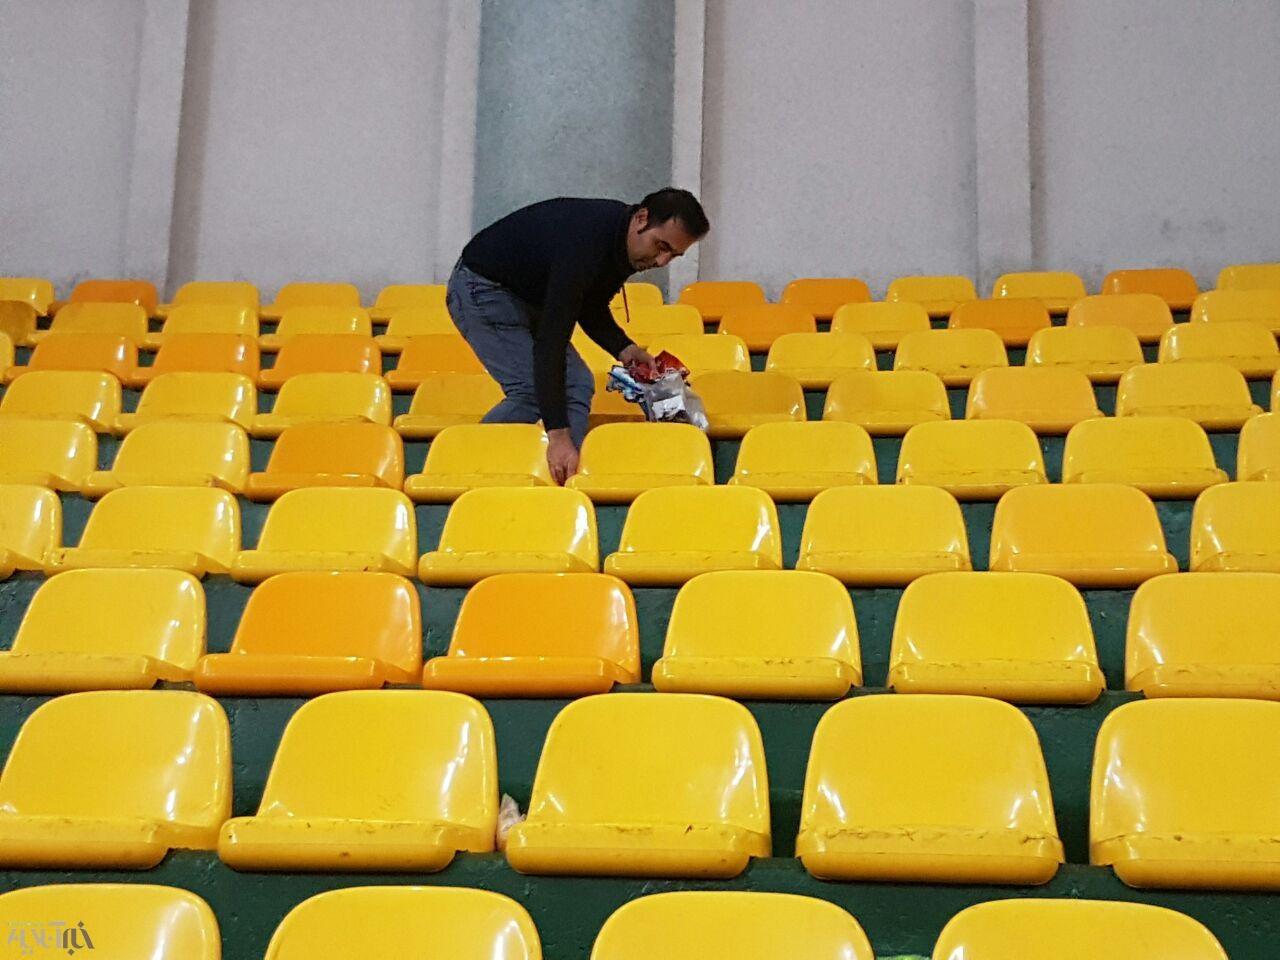 ادامه حرکت فرهنگی هواداران ارومیهای   تماشاگران زباله های ورزشگاه را جمع کردند